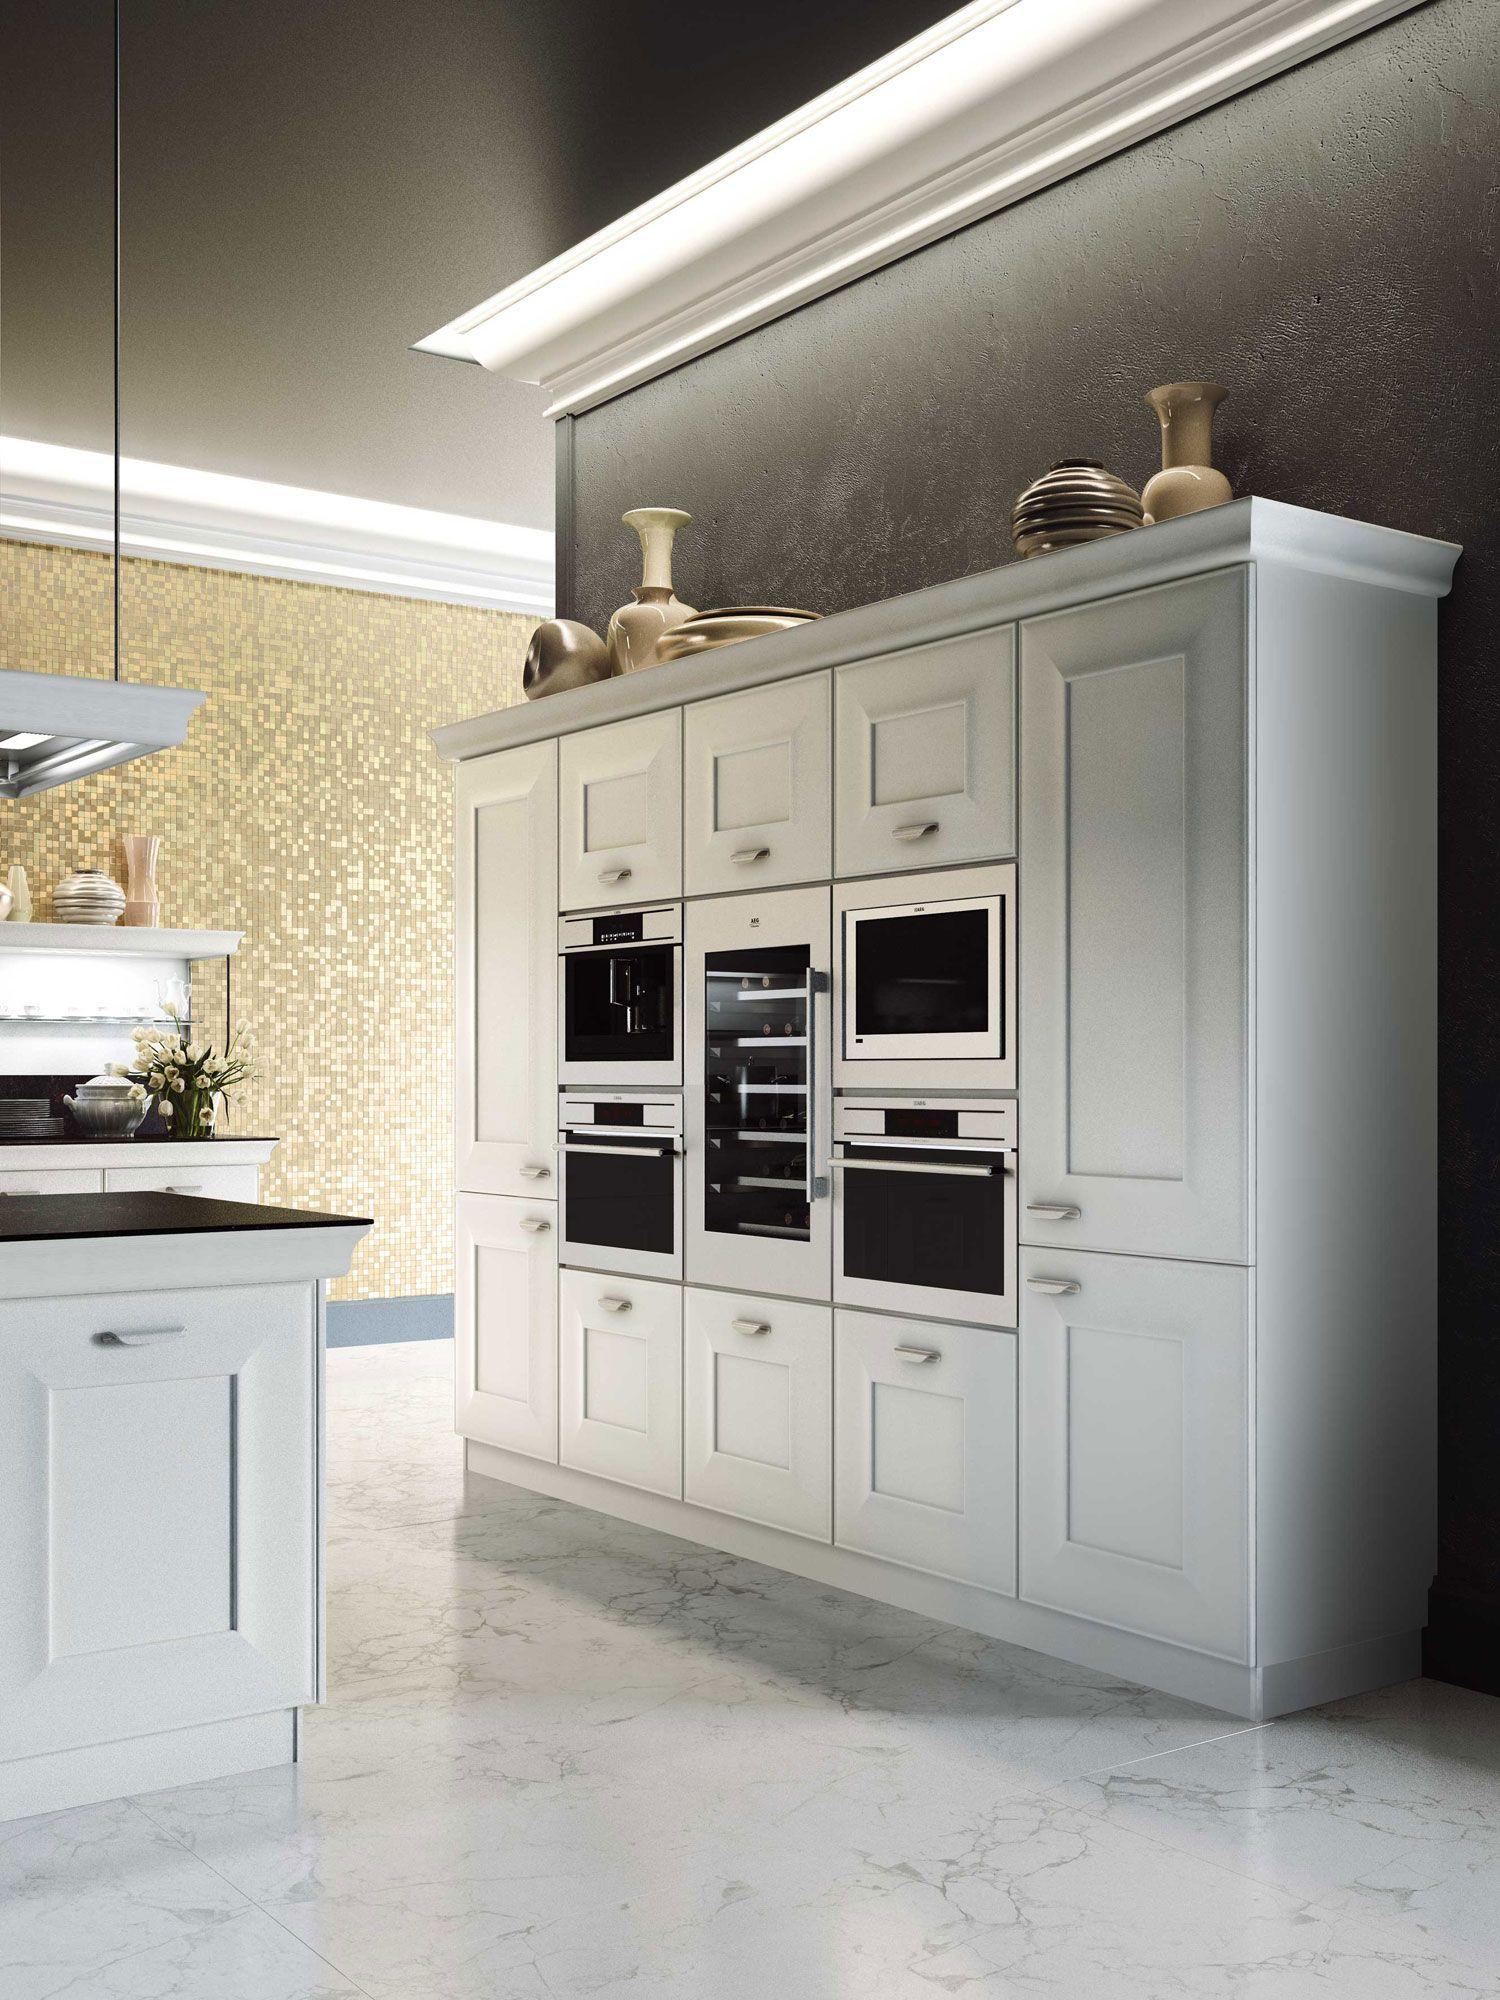 cucina classica gioconda design  Snaidero USA kitchen